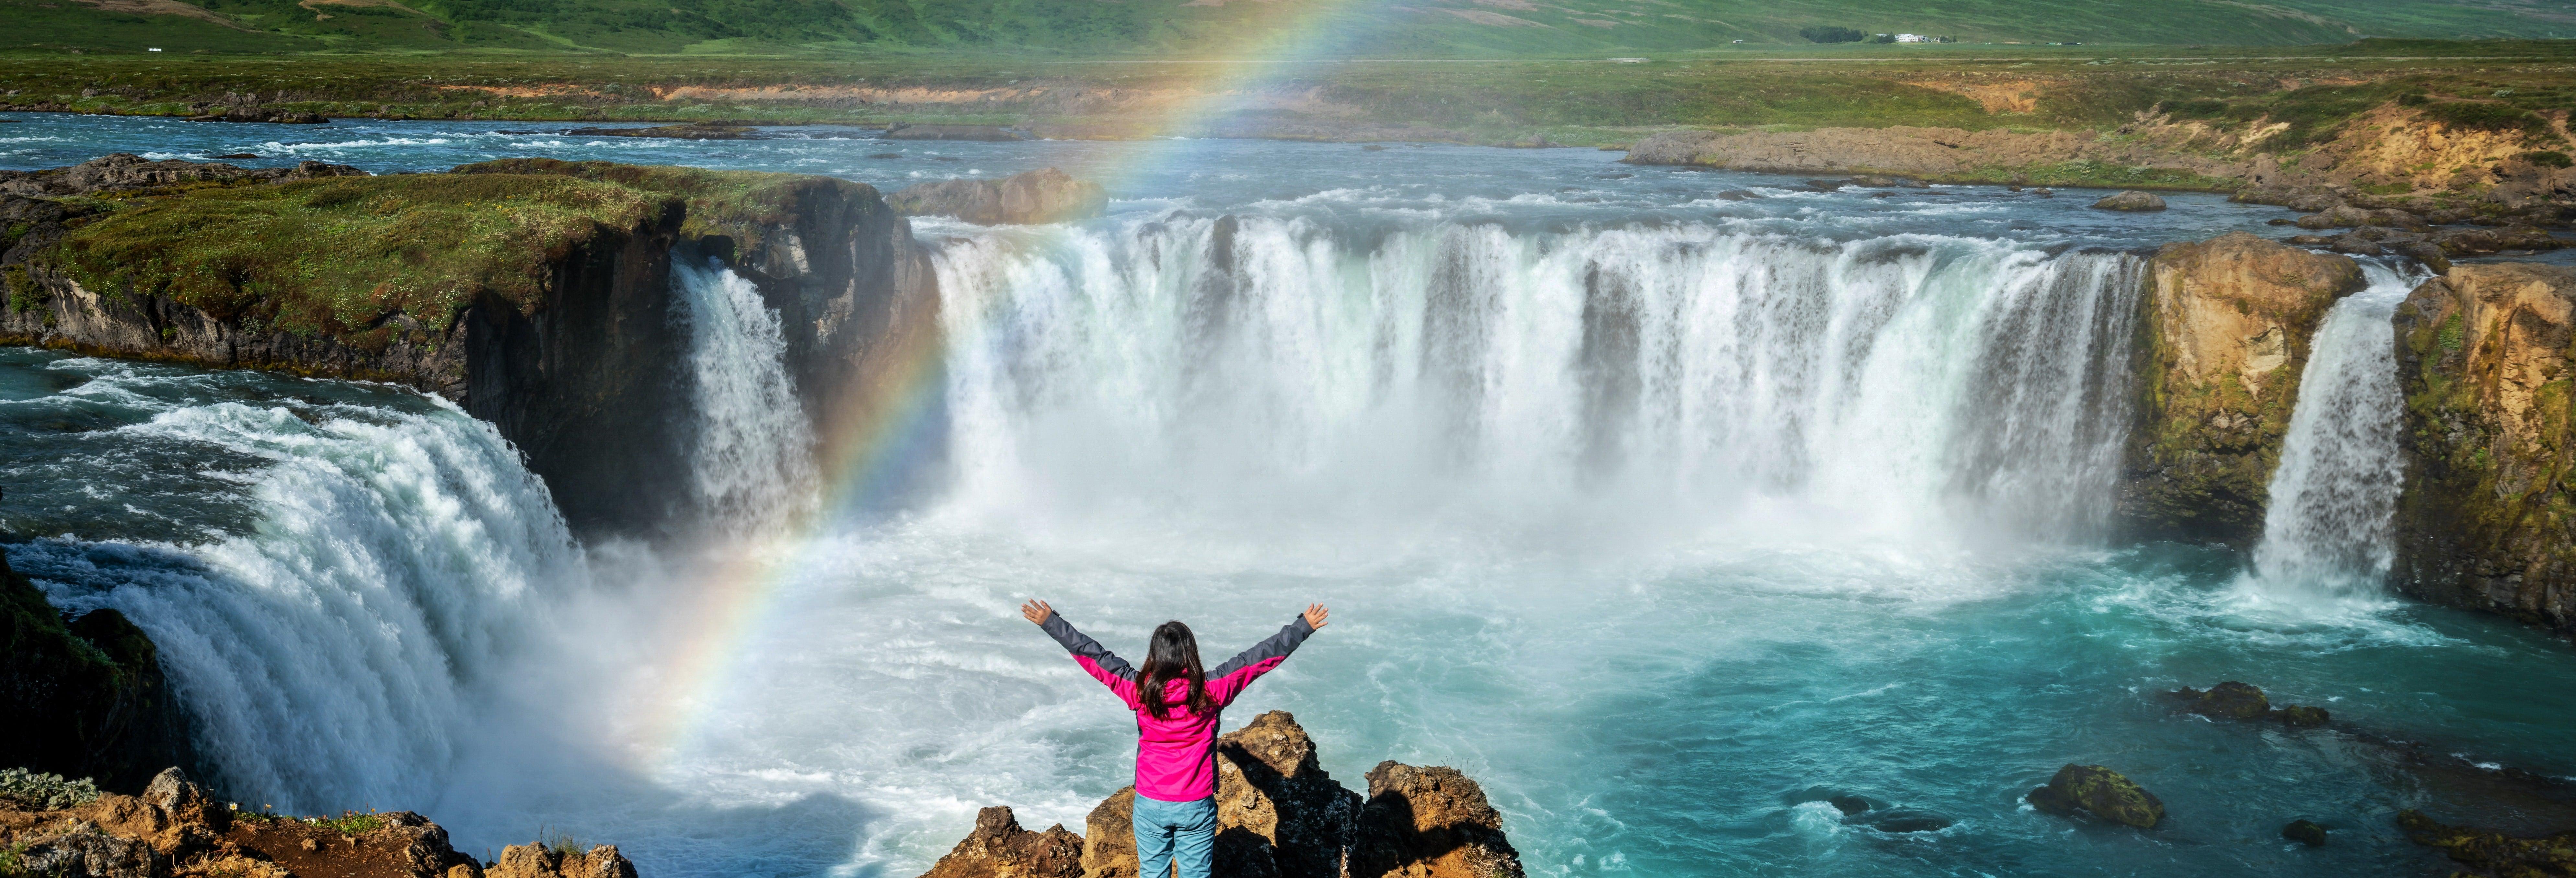 Excursão à cascata Godafoss para cruzeiros